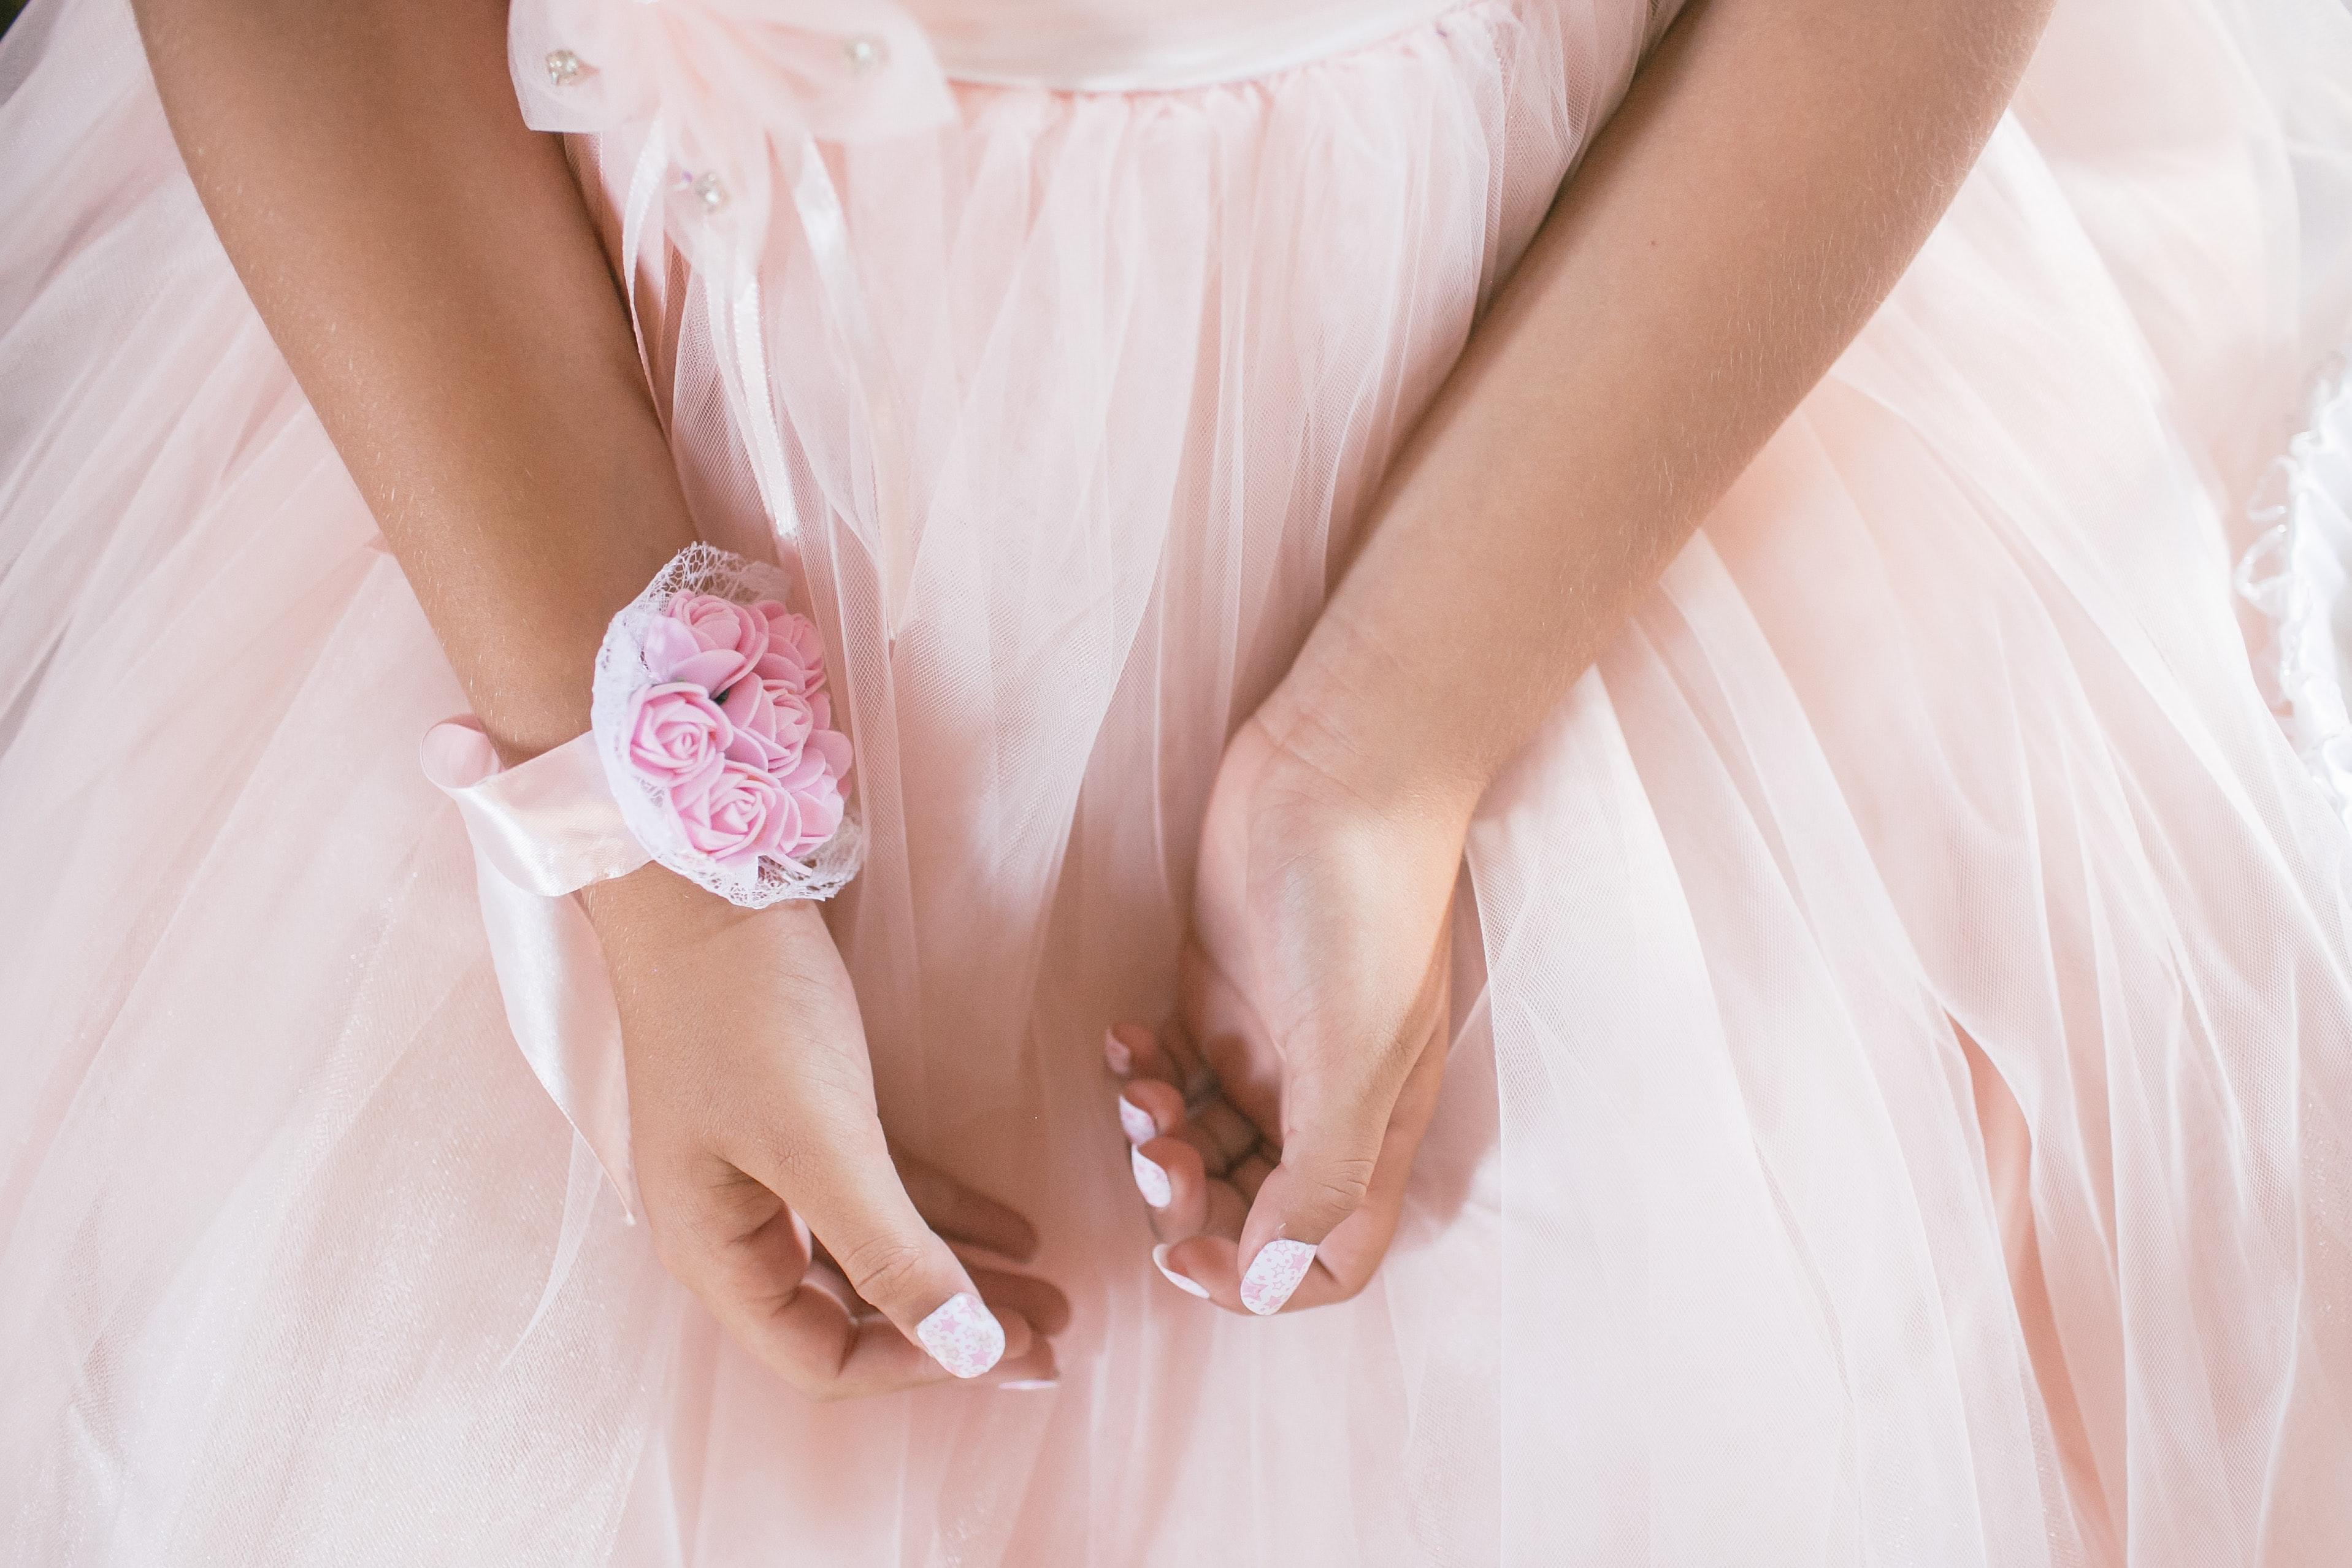 ピンクは可愛すぎて似合わない?の思い込み